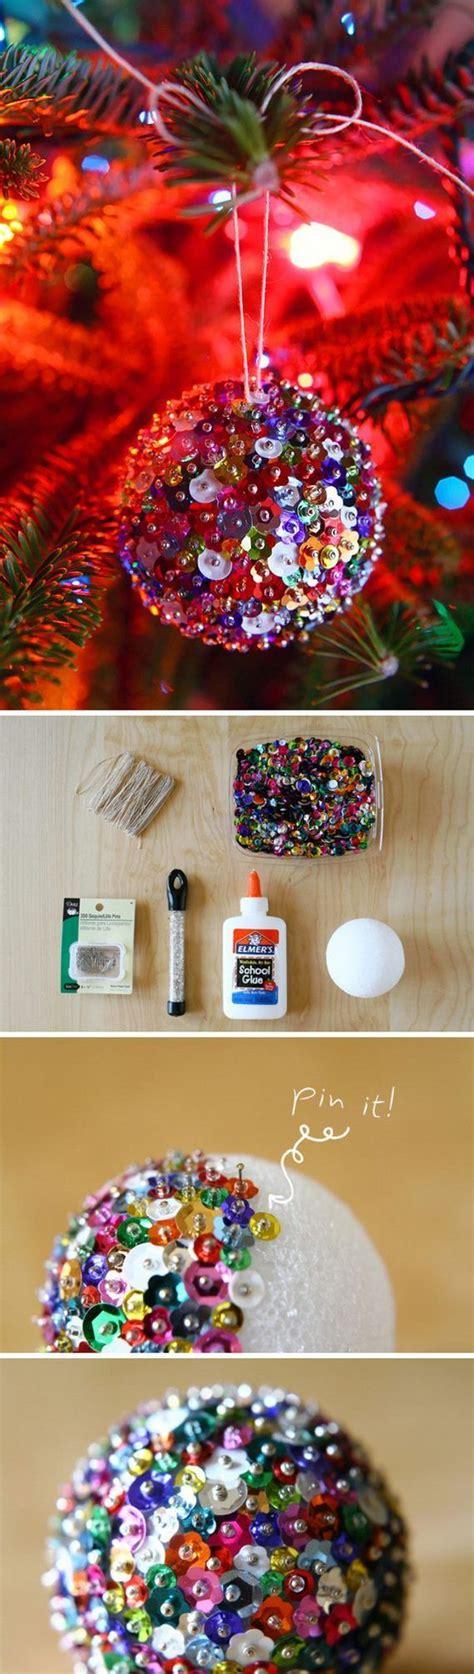 diy ornaments tutorials amazing diy ornament ideas